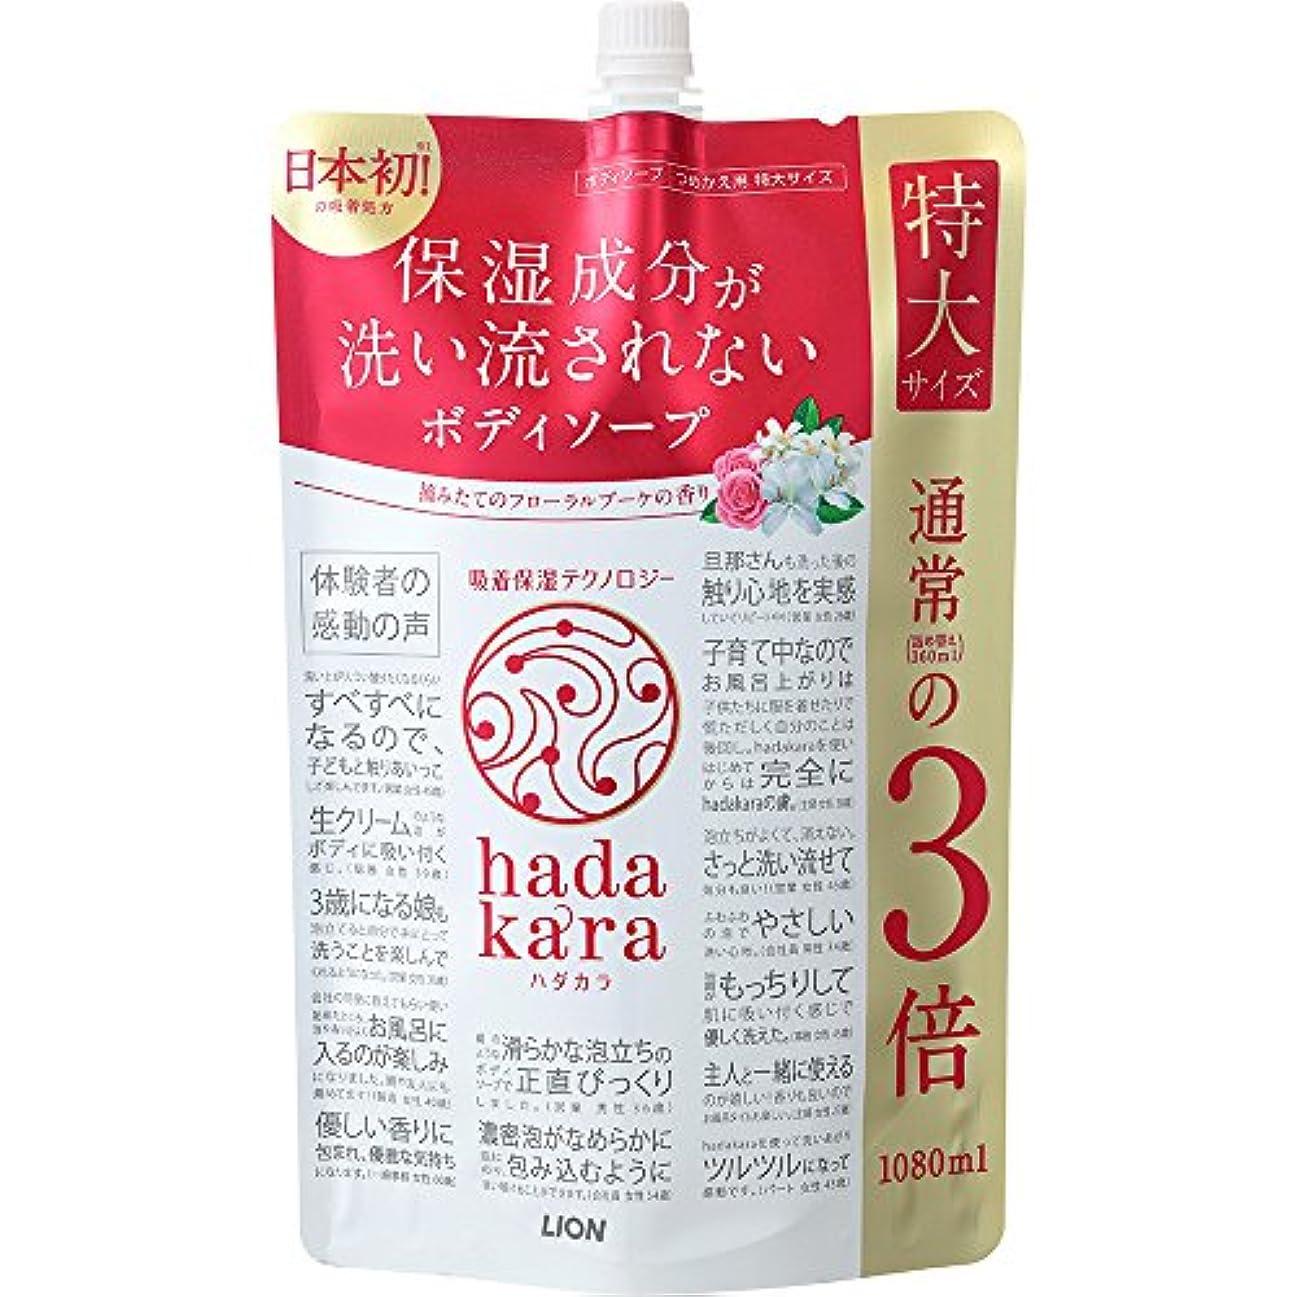 最悪補充ディレクトリ【大容量】hadakara(ハダカラ) ボディソープ フローラルブーケの香り 詰め替え 特大 1080ml